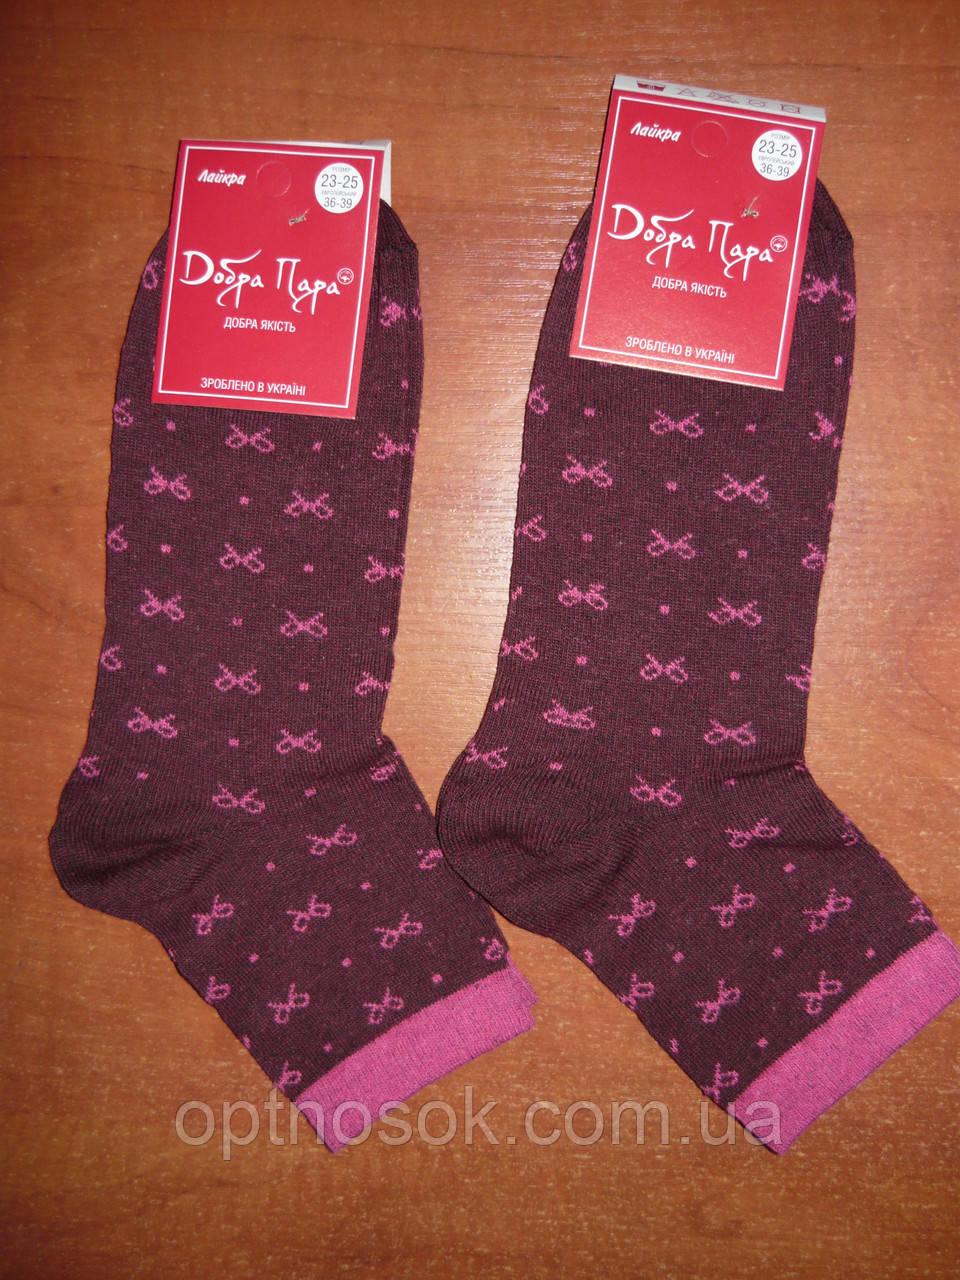 d046c71fa7df Женские носки